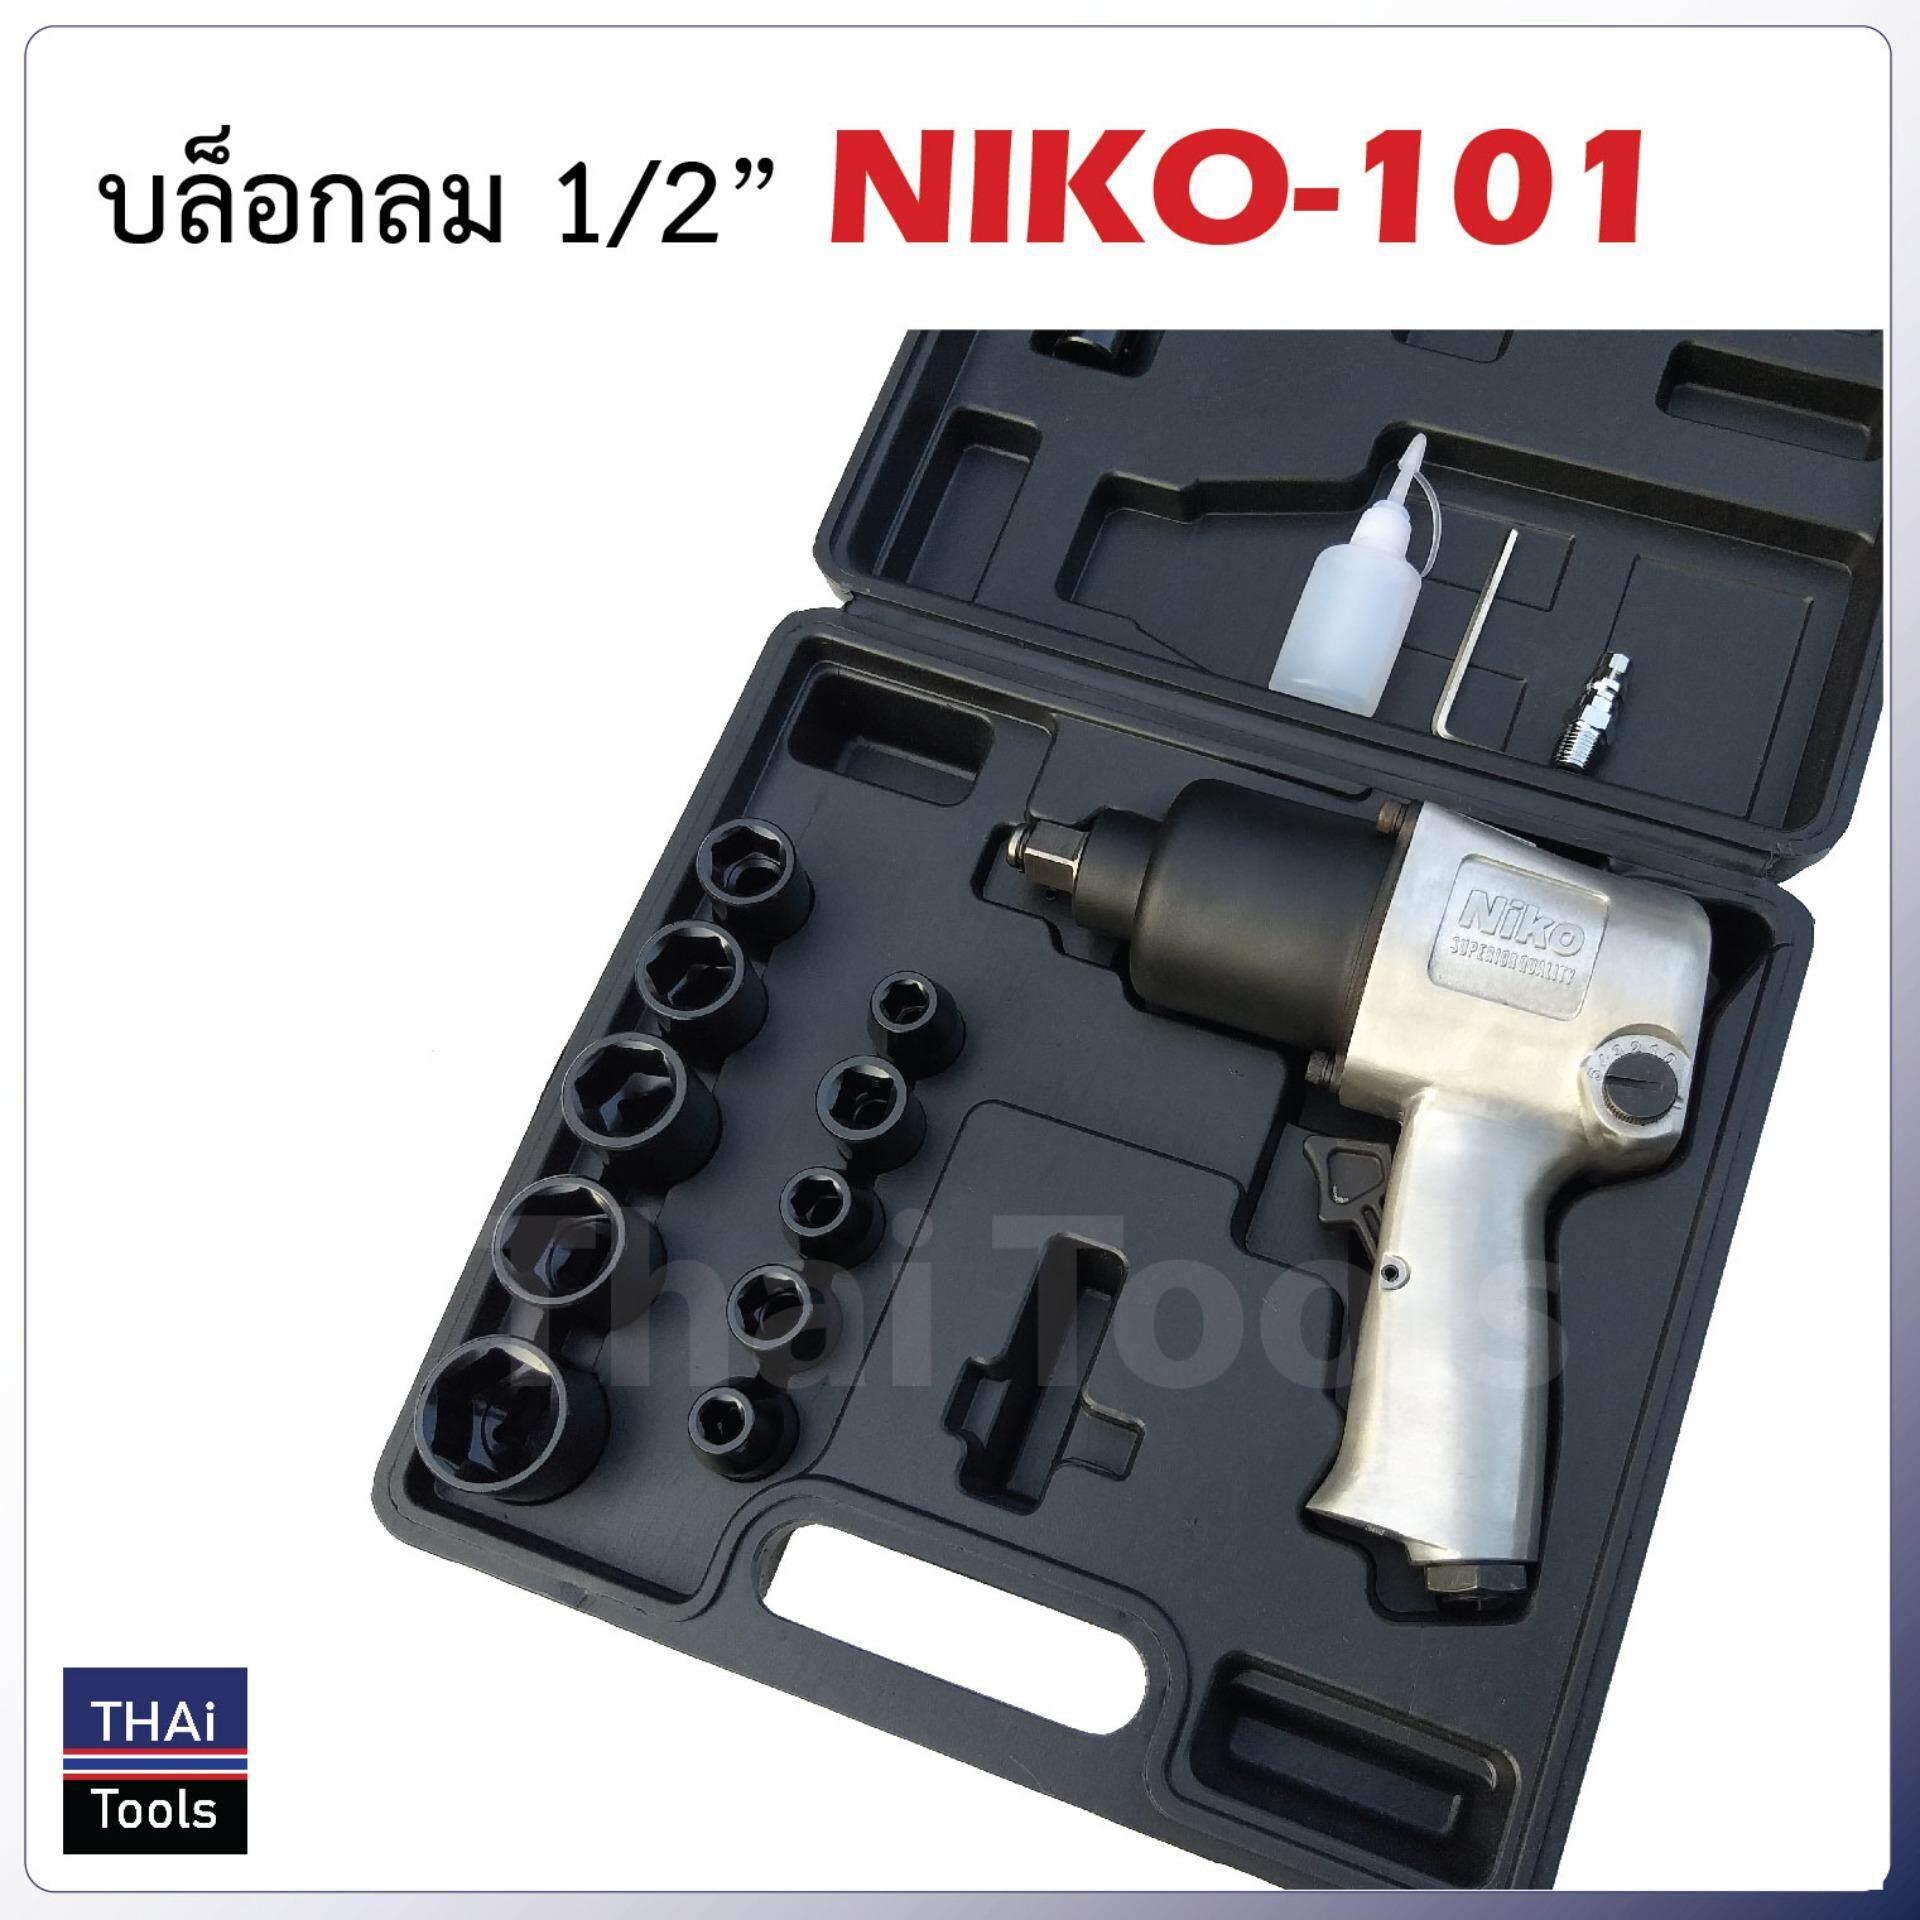 บล็อกลม 1/2 นิ้ว Niko-101.